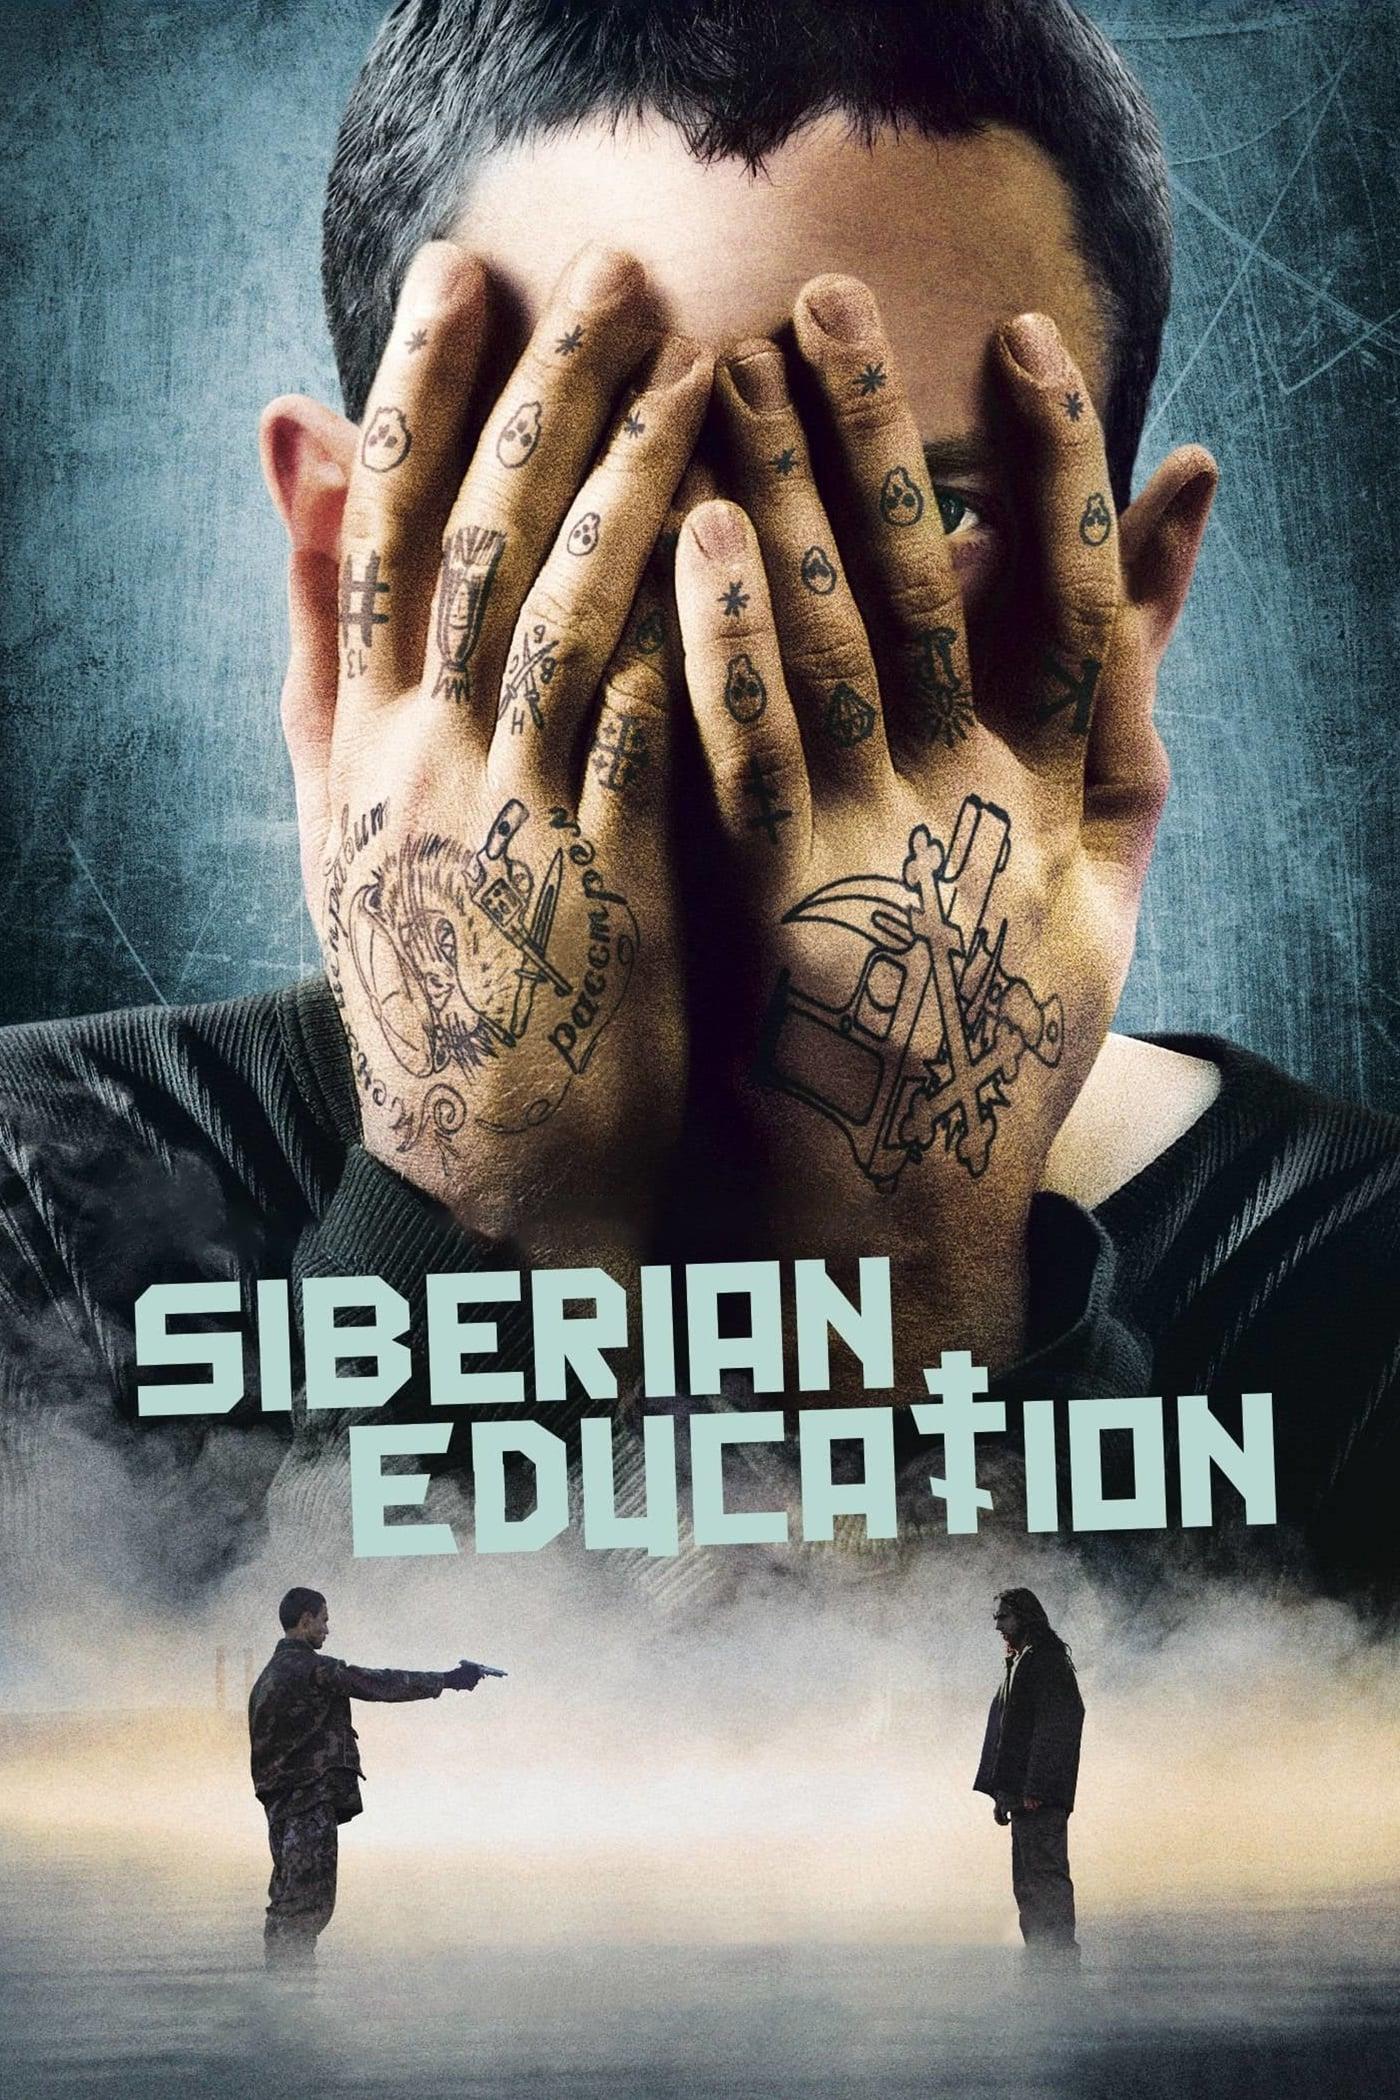 Siberian Education (2013)